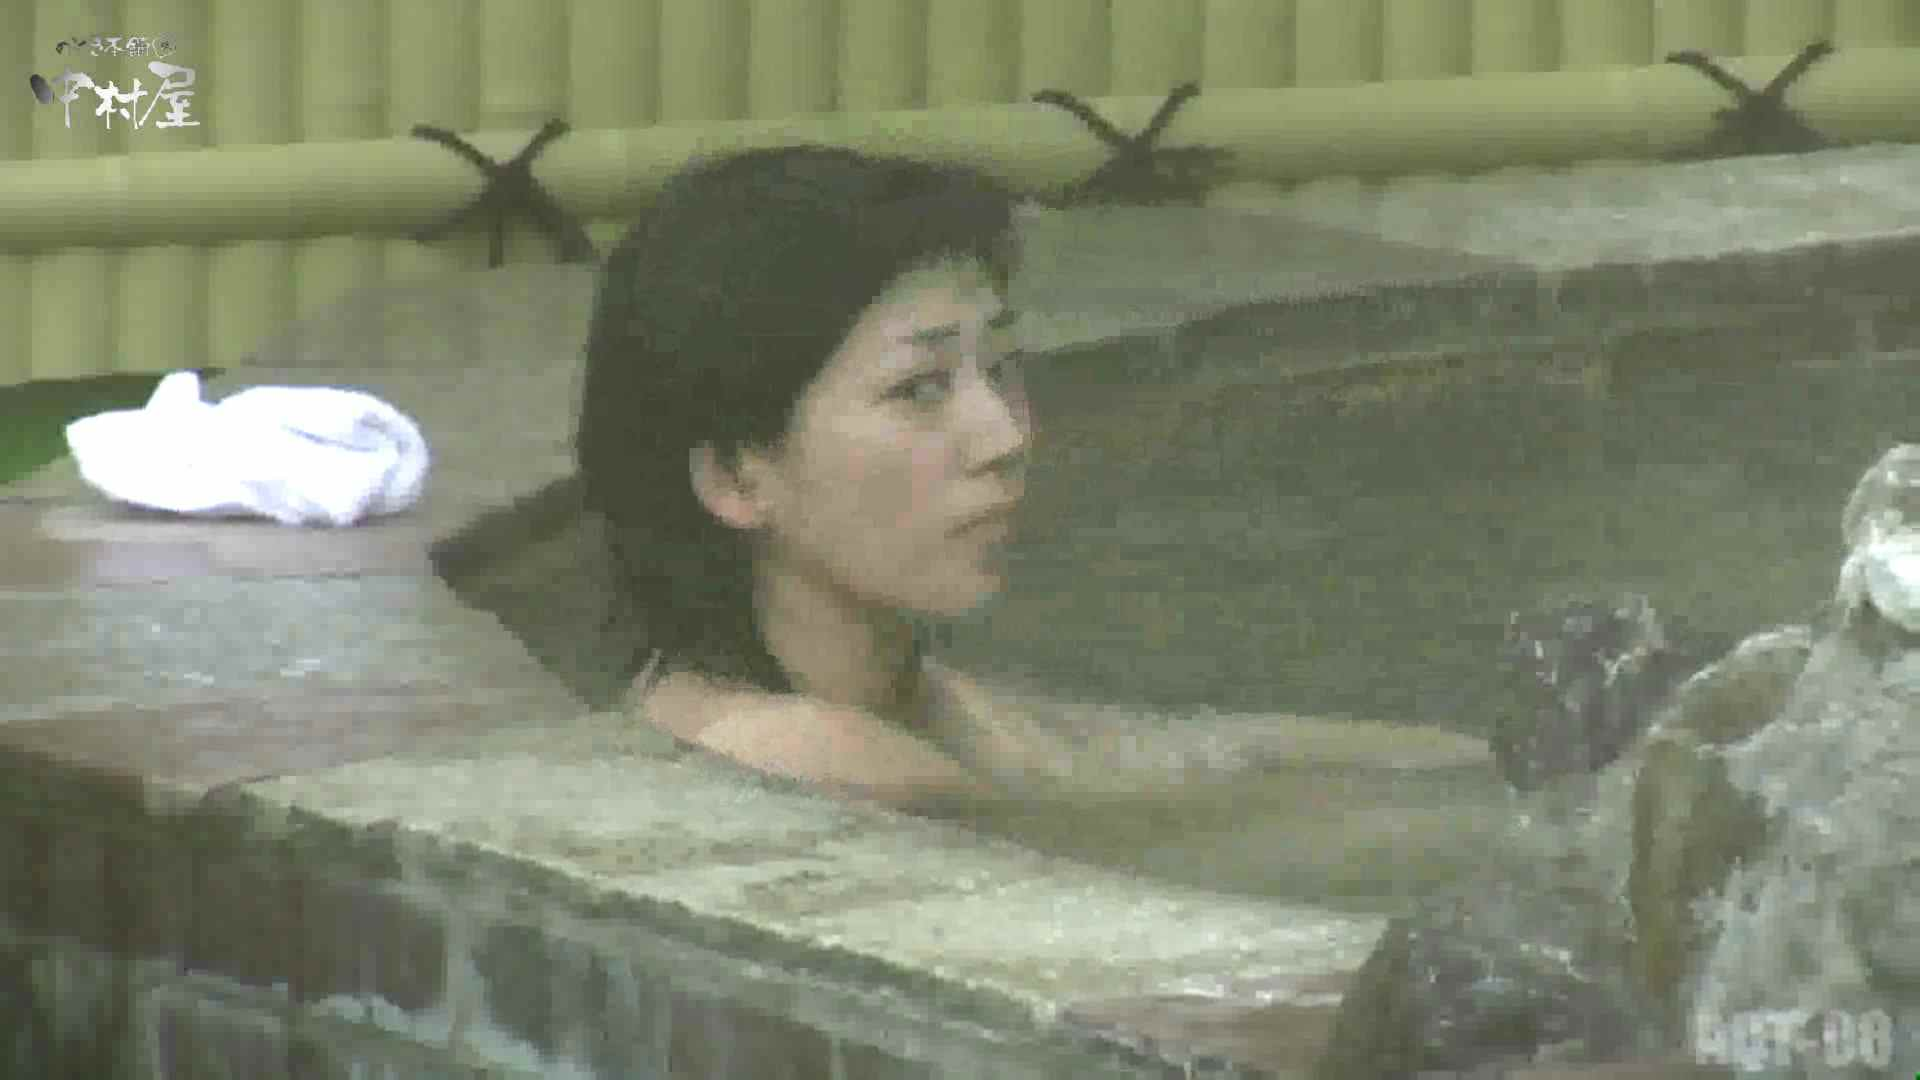 Aquaな露天風呂Vol.872潜入盗撮露天風呂八判湯 其の四 潜入 隠し撮りおまんこ動画流出 92連発 70